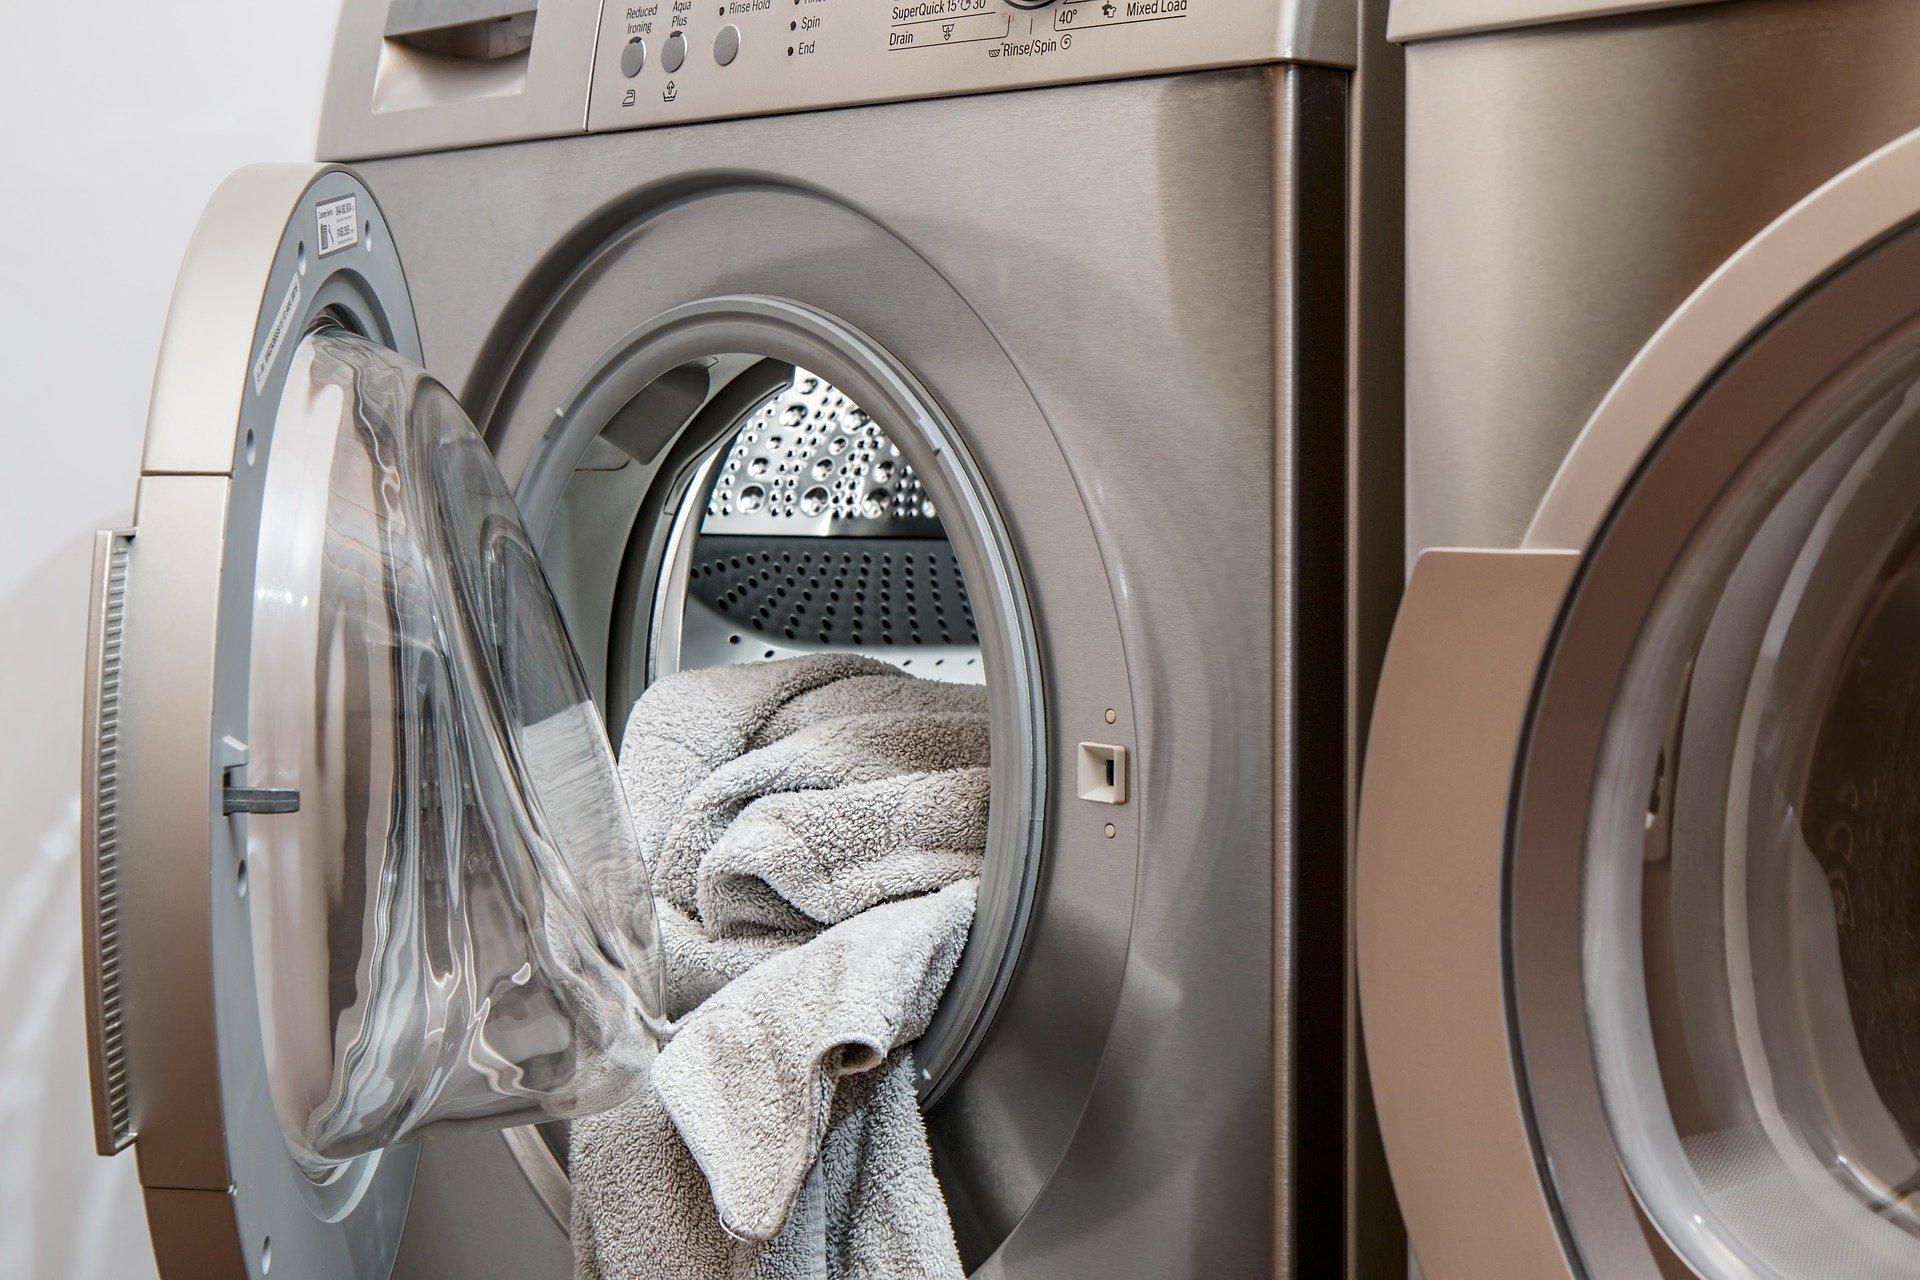 Comment Nettoyer Les Joints De La Machine À Laver comment entretenir et nettoyer son sèche-linge - murfy   le